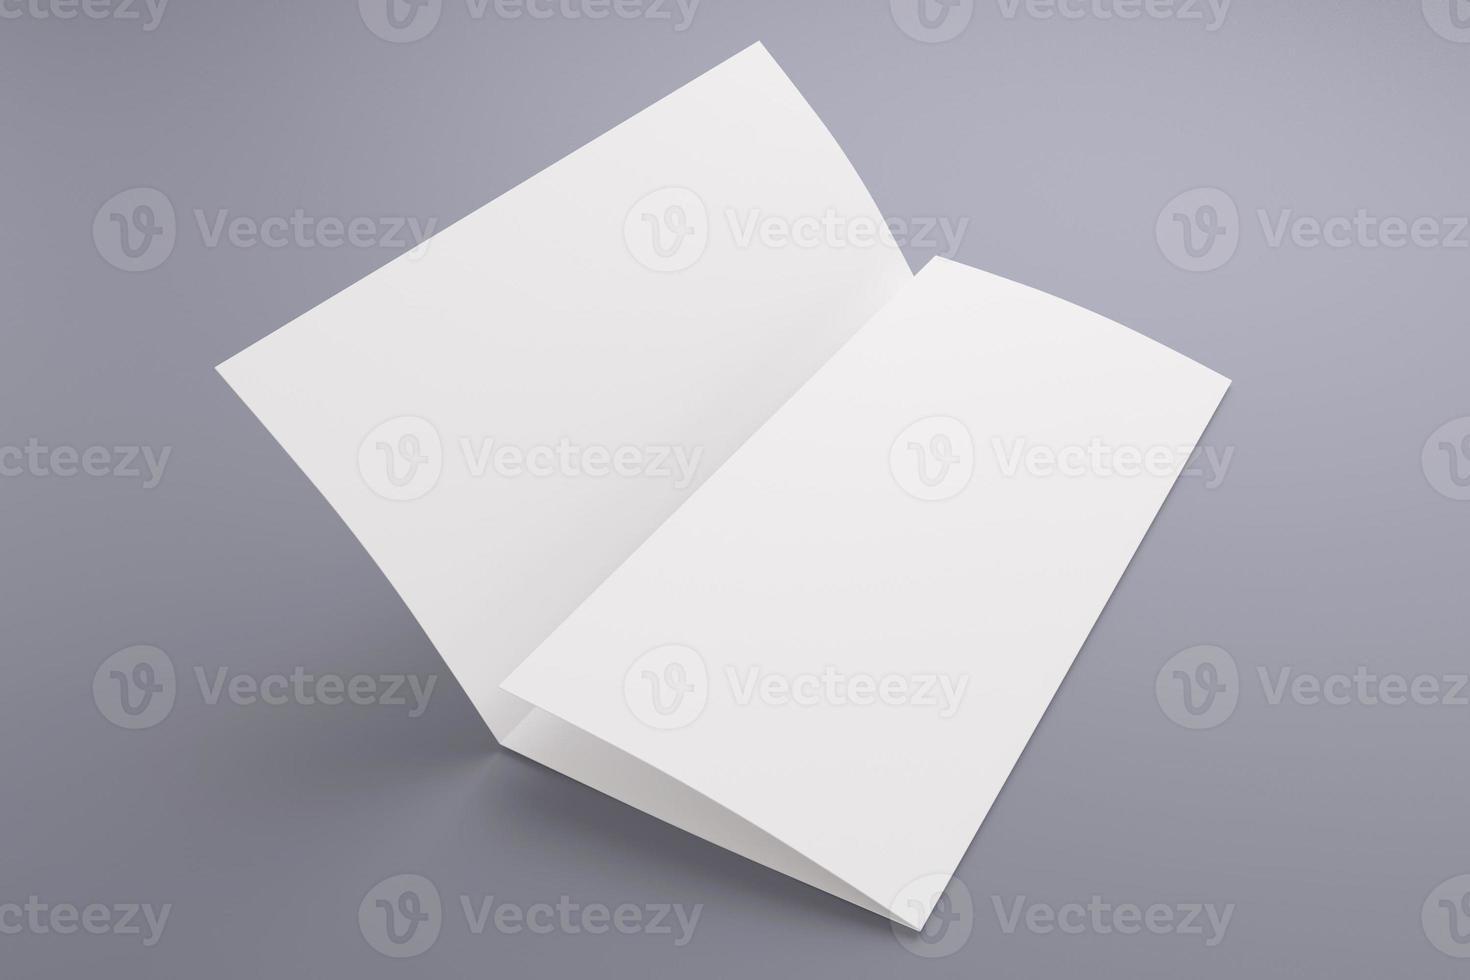 folleto tríptico en blanco aislado en gris foto